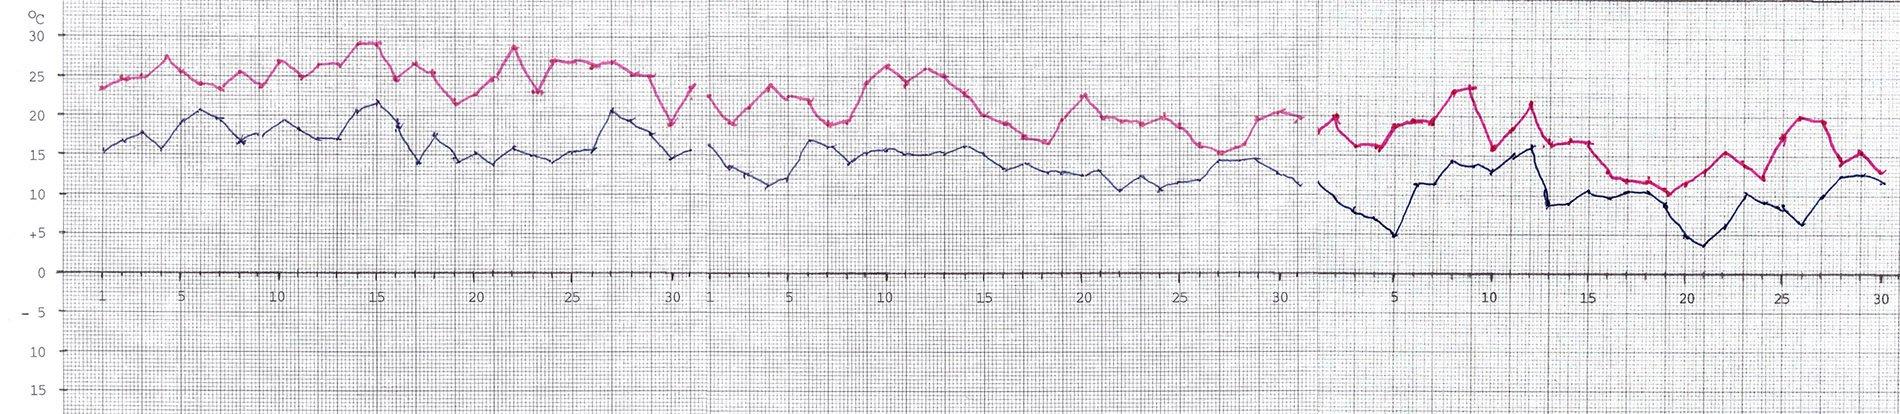 Högsta och lägsta temperaturens variation på Muskö mellan juli och september 2021.